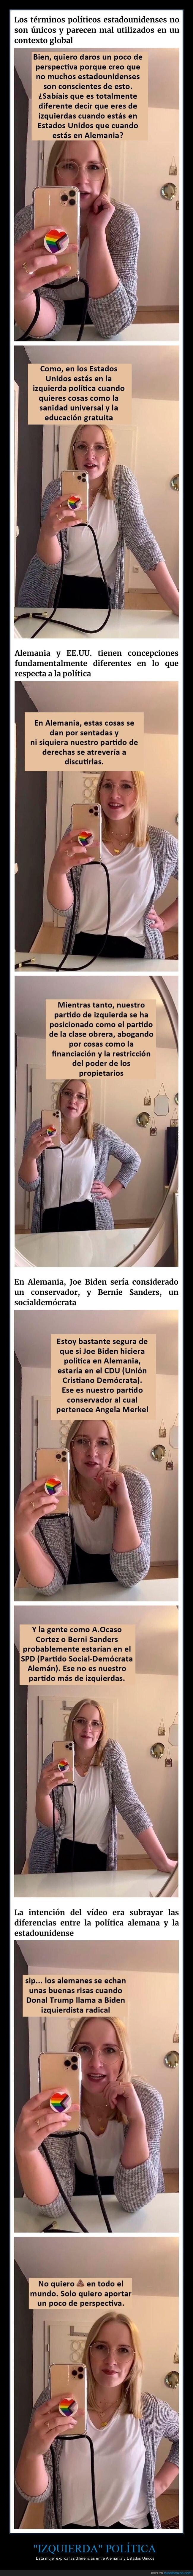 alemania,eeuu,izquierda,política